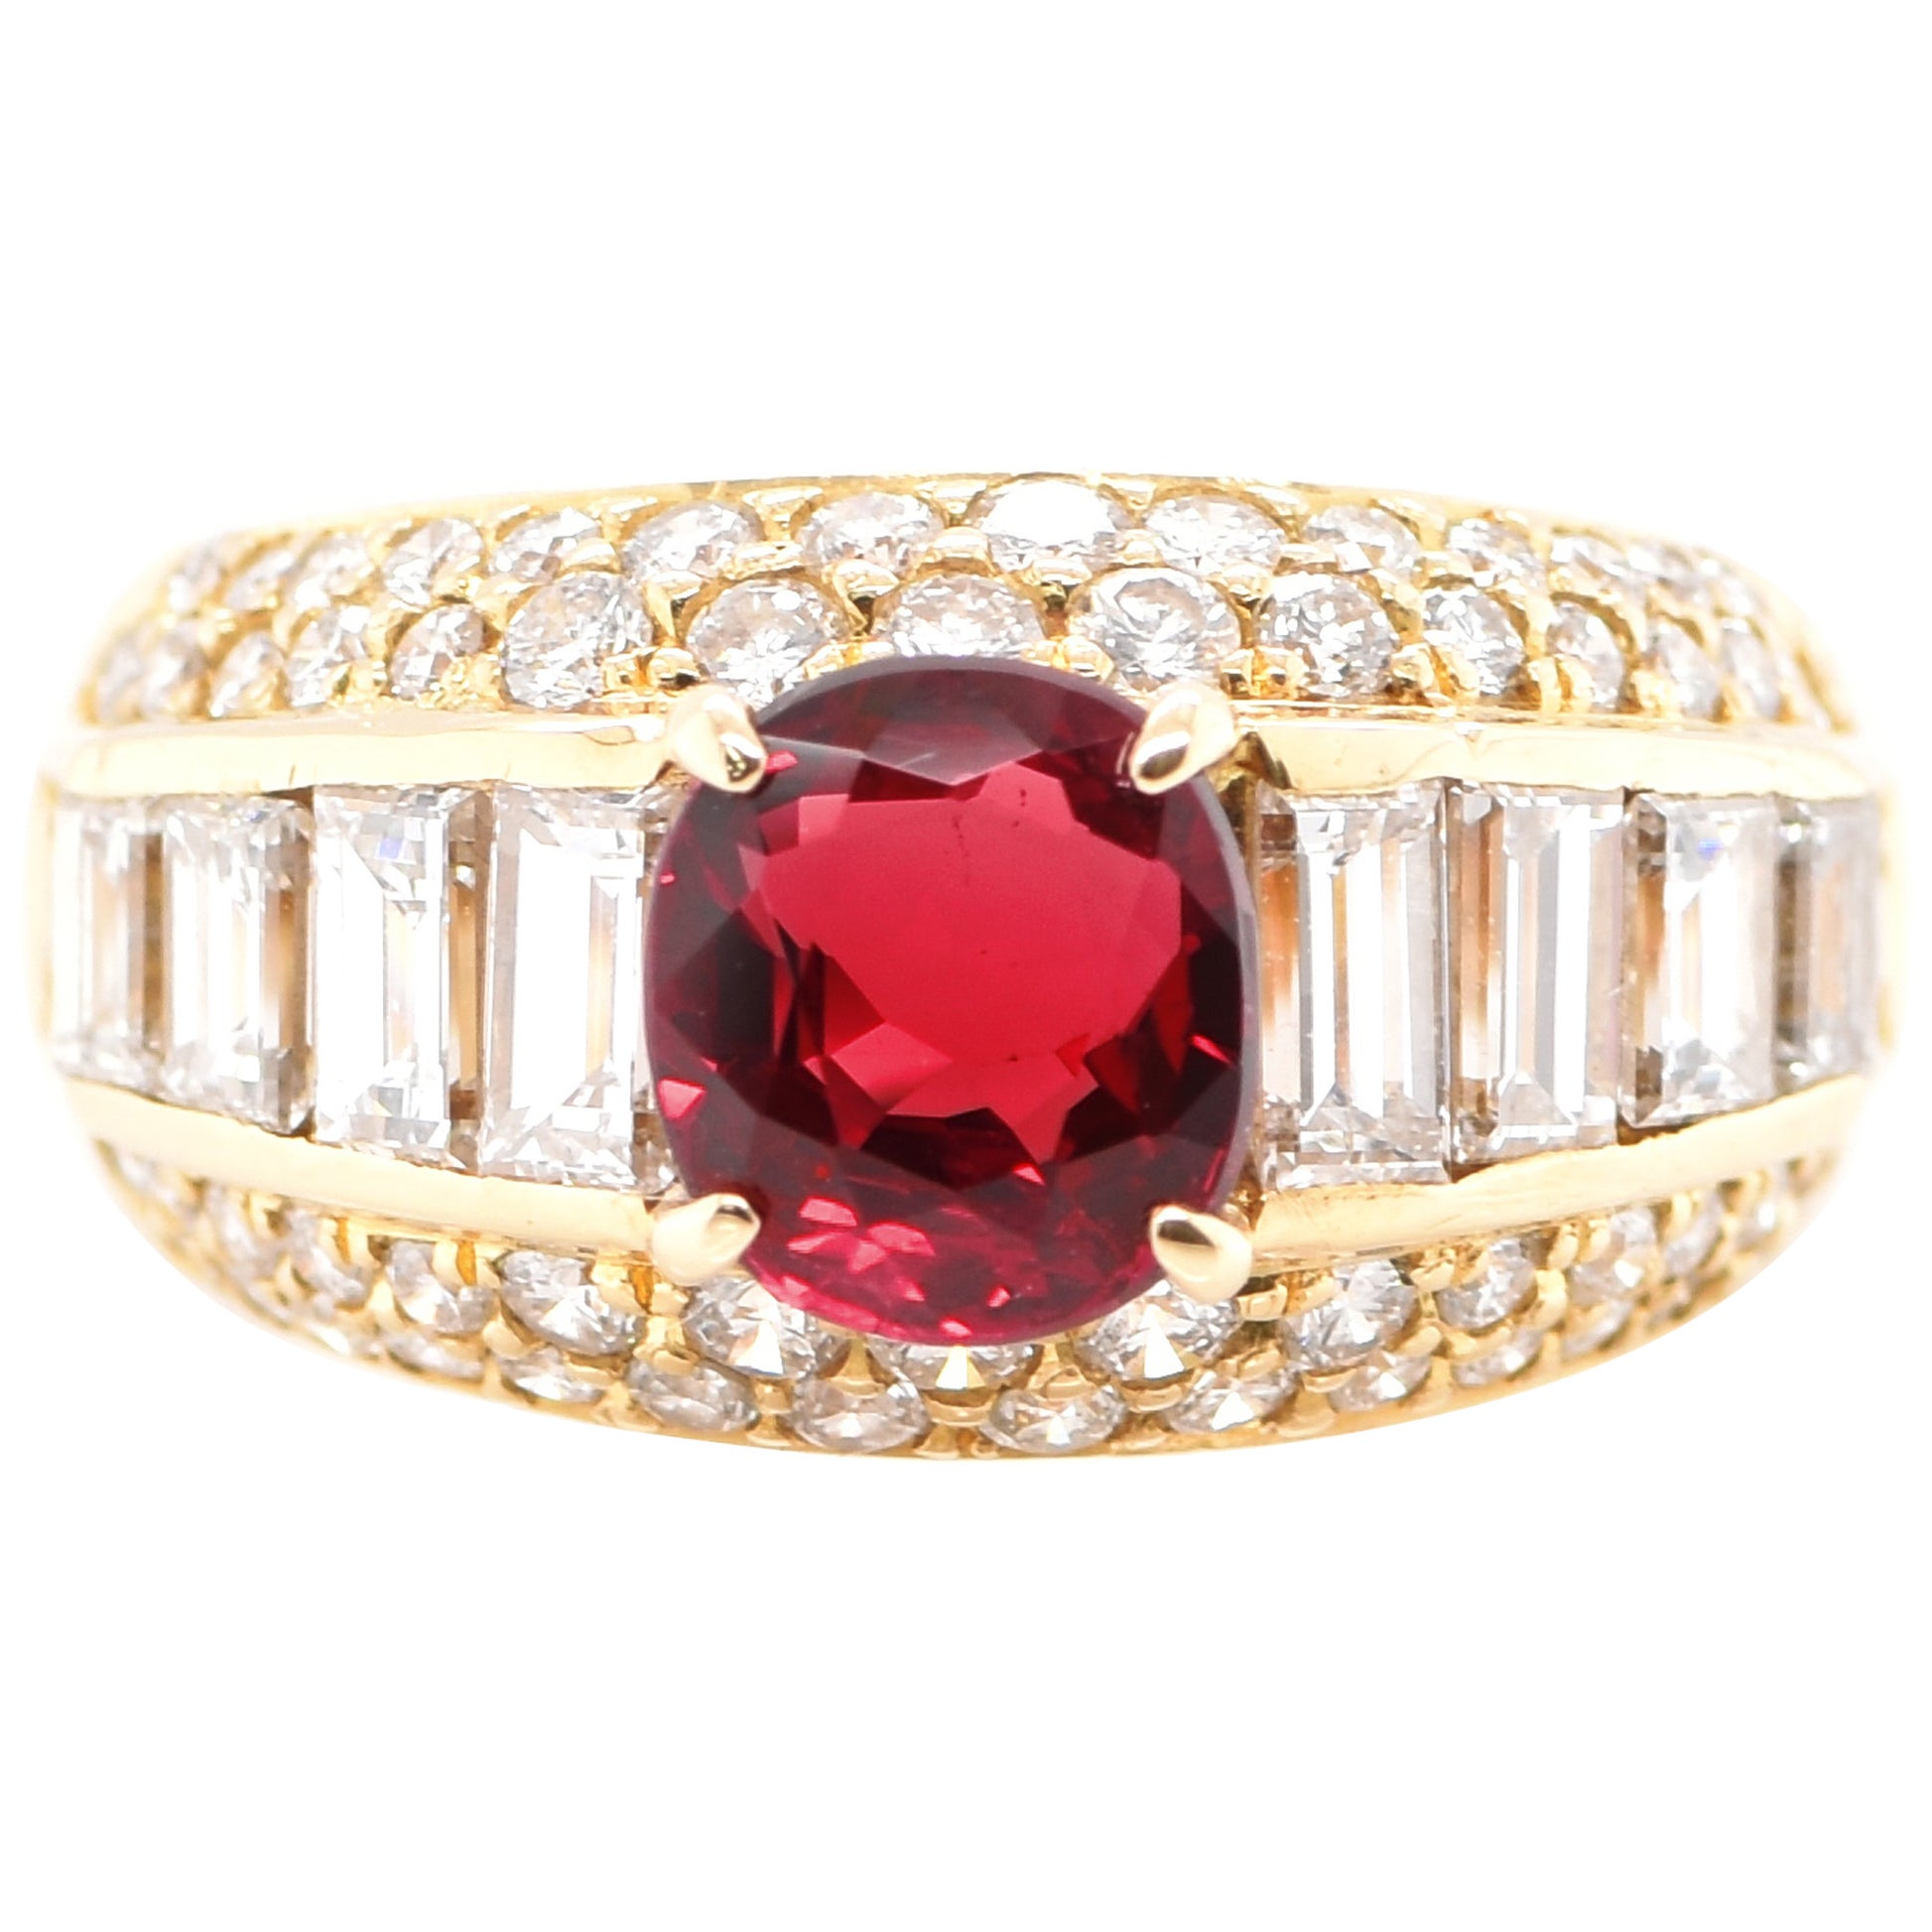 1.48 Carat Ruby and Diamond Band Ring Set in 18 Karat Gold